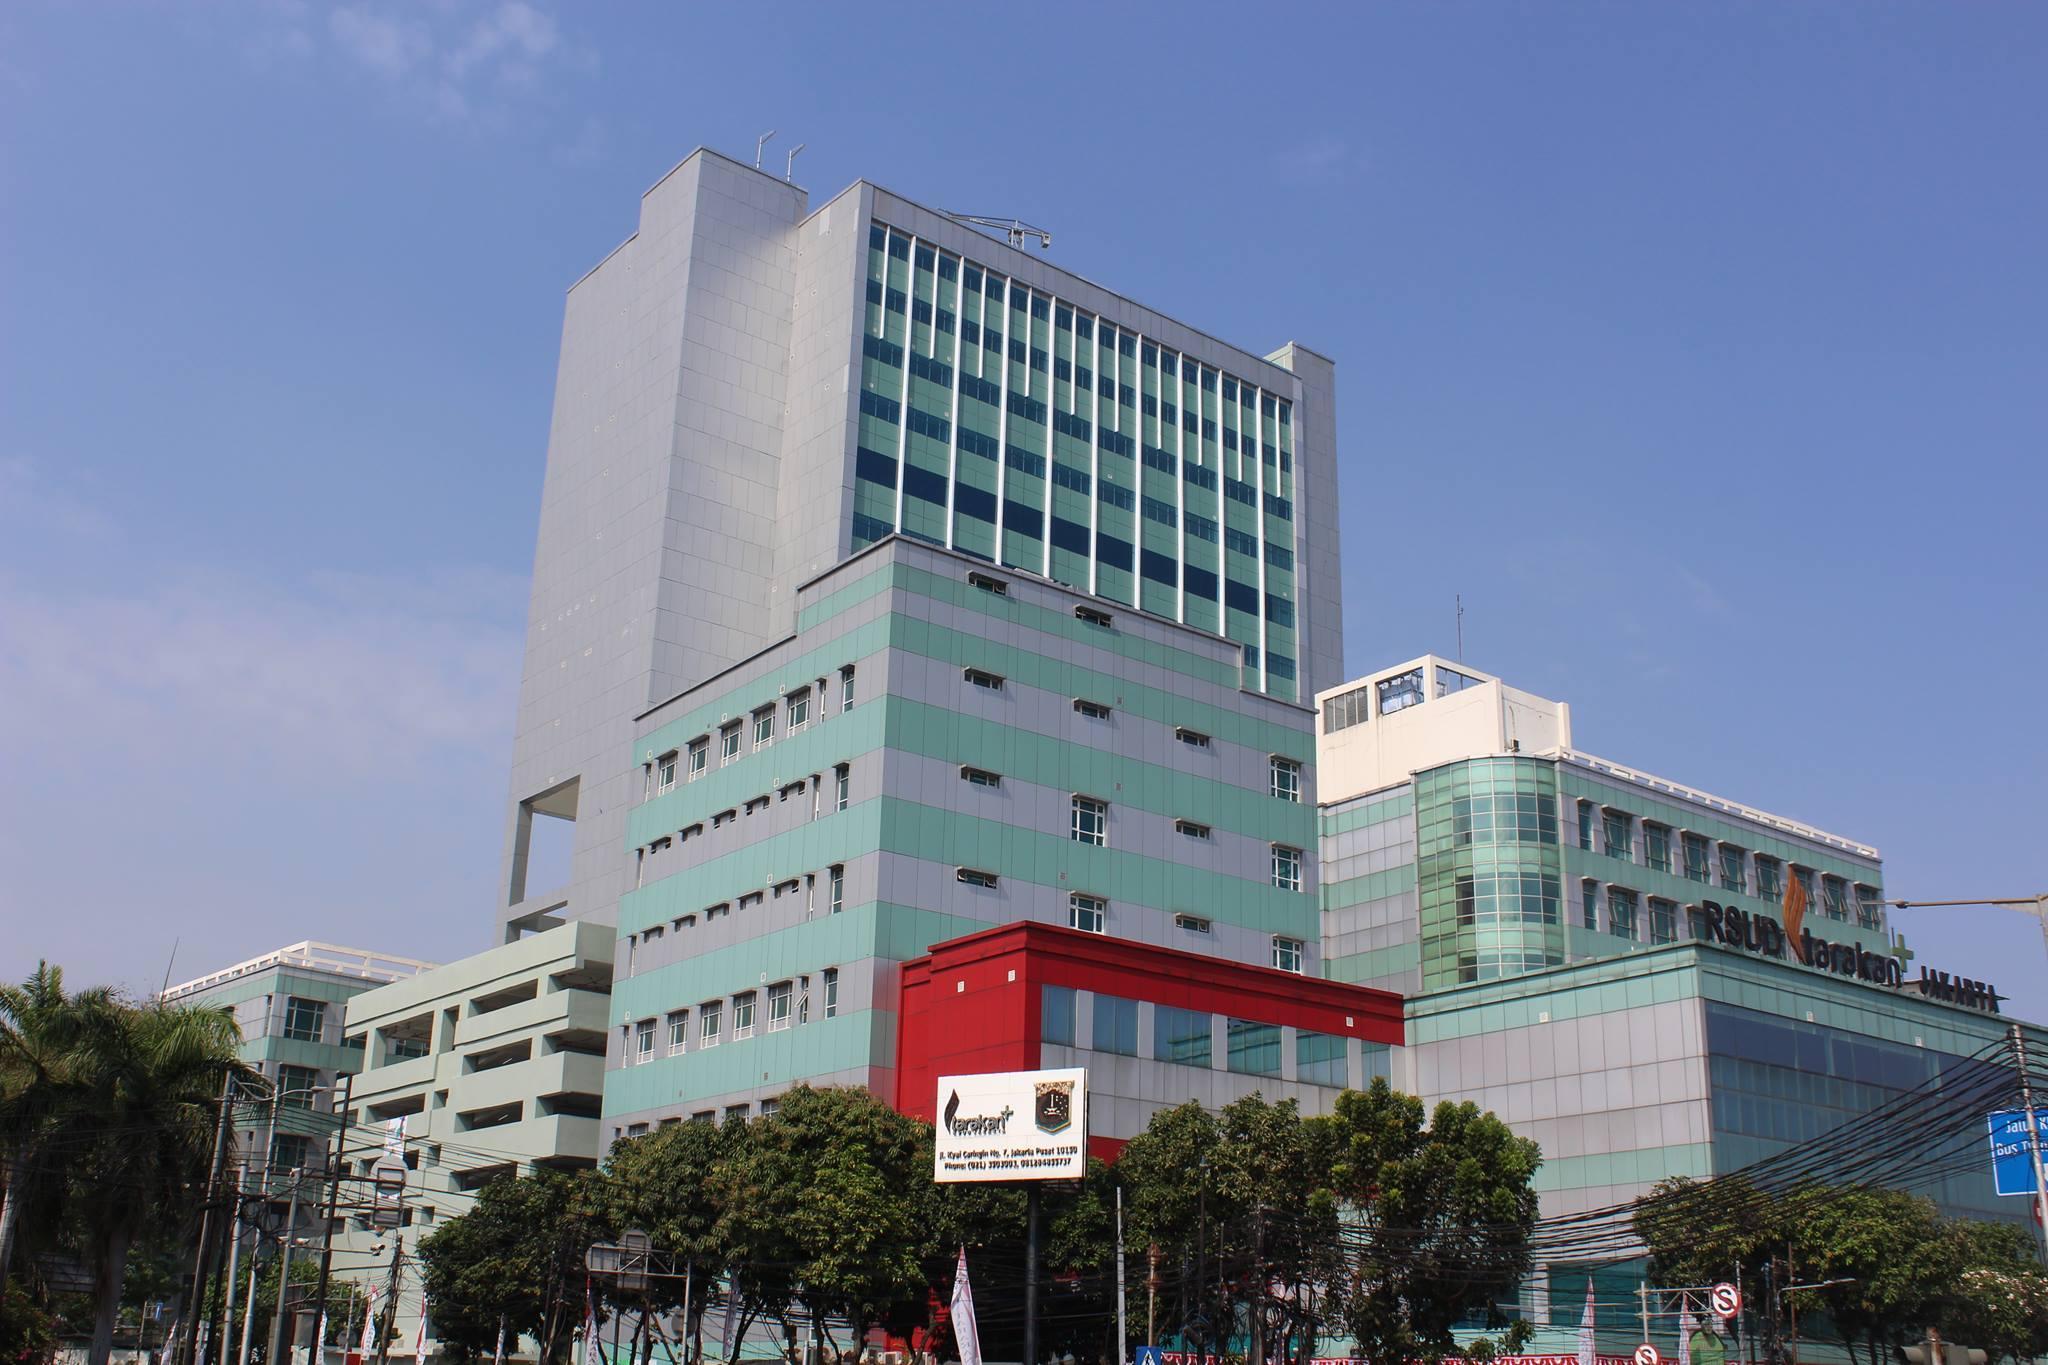 Rumah Sakit Umum Daerah Tarakan